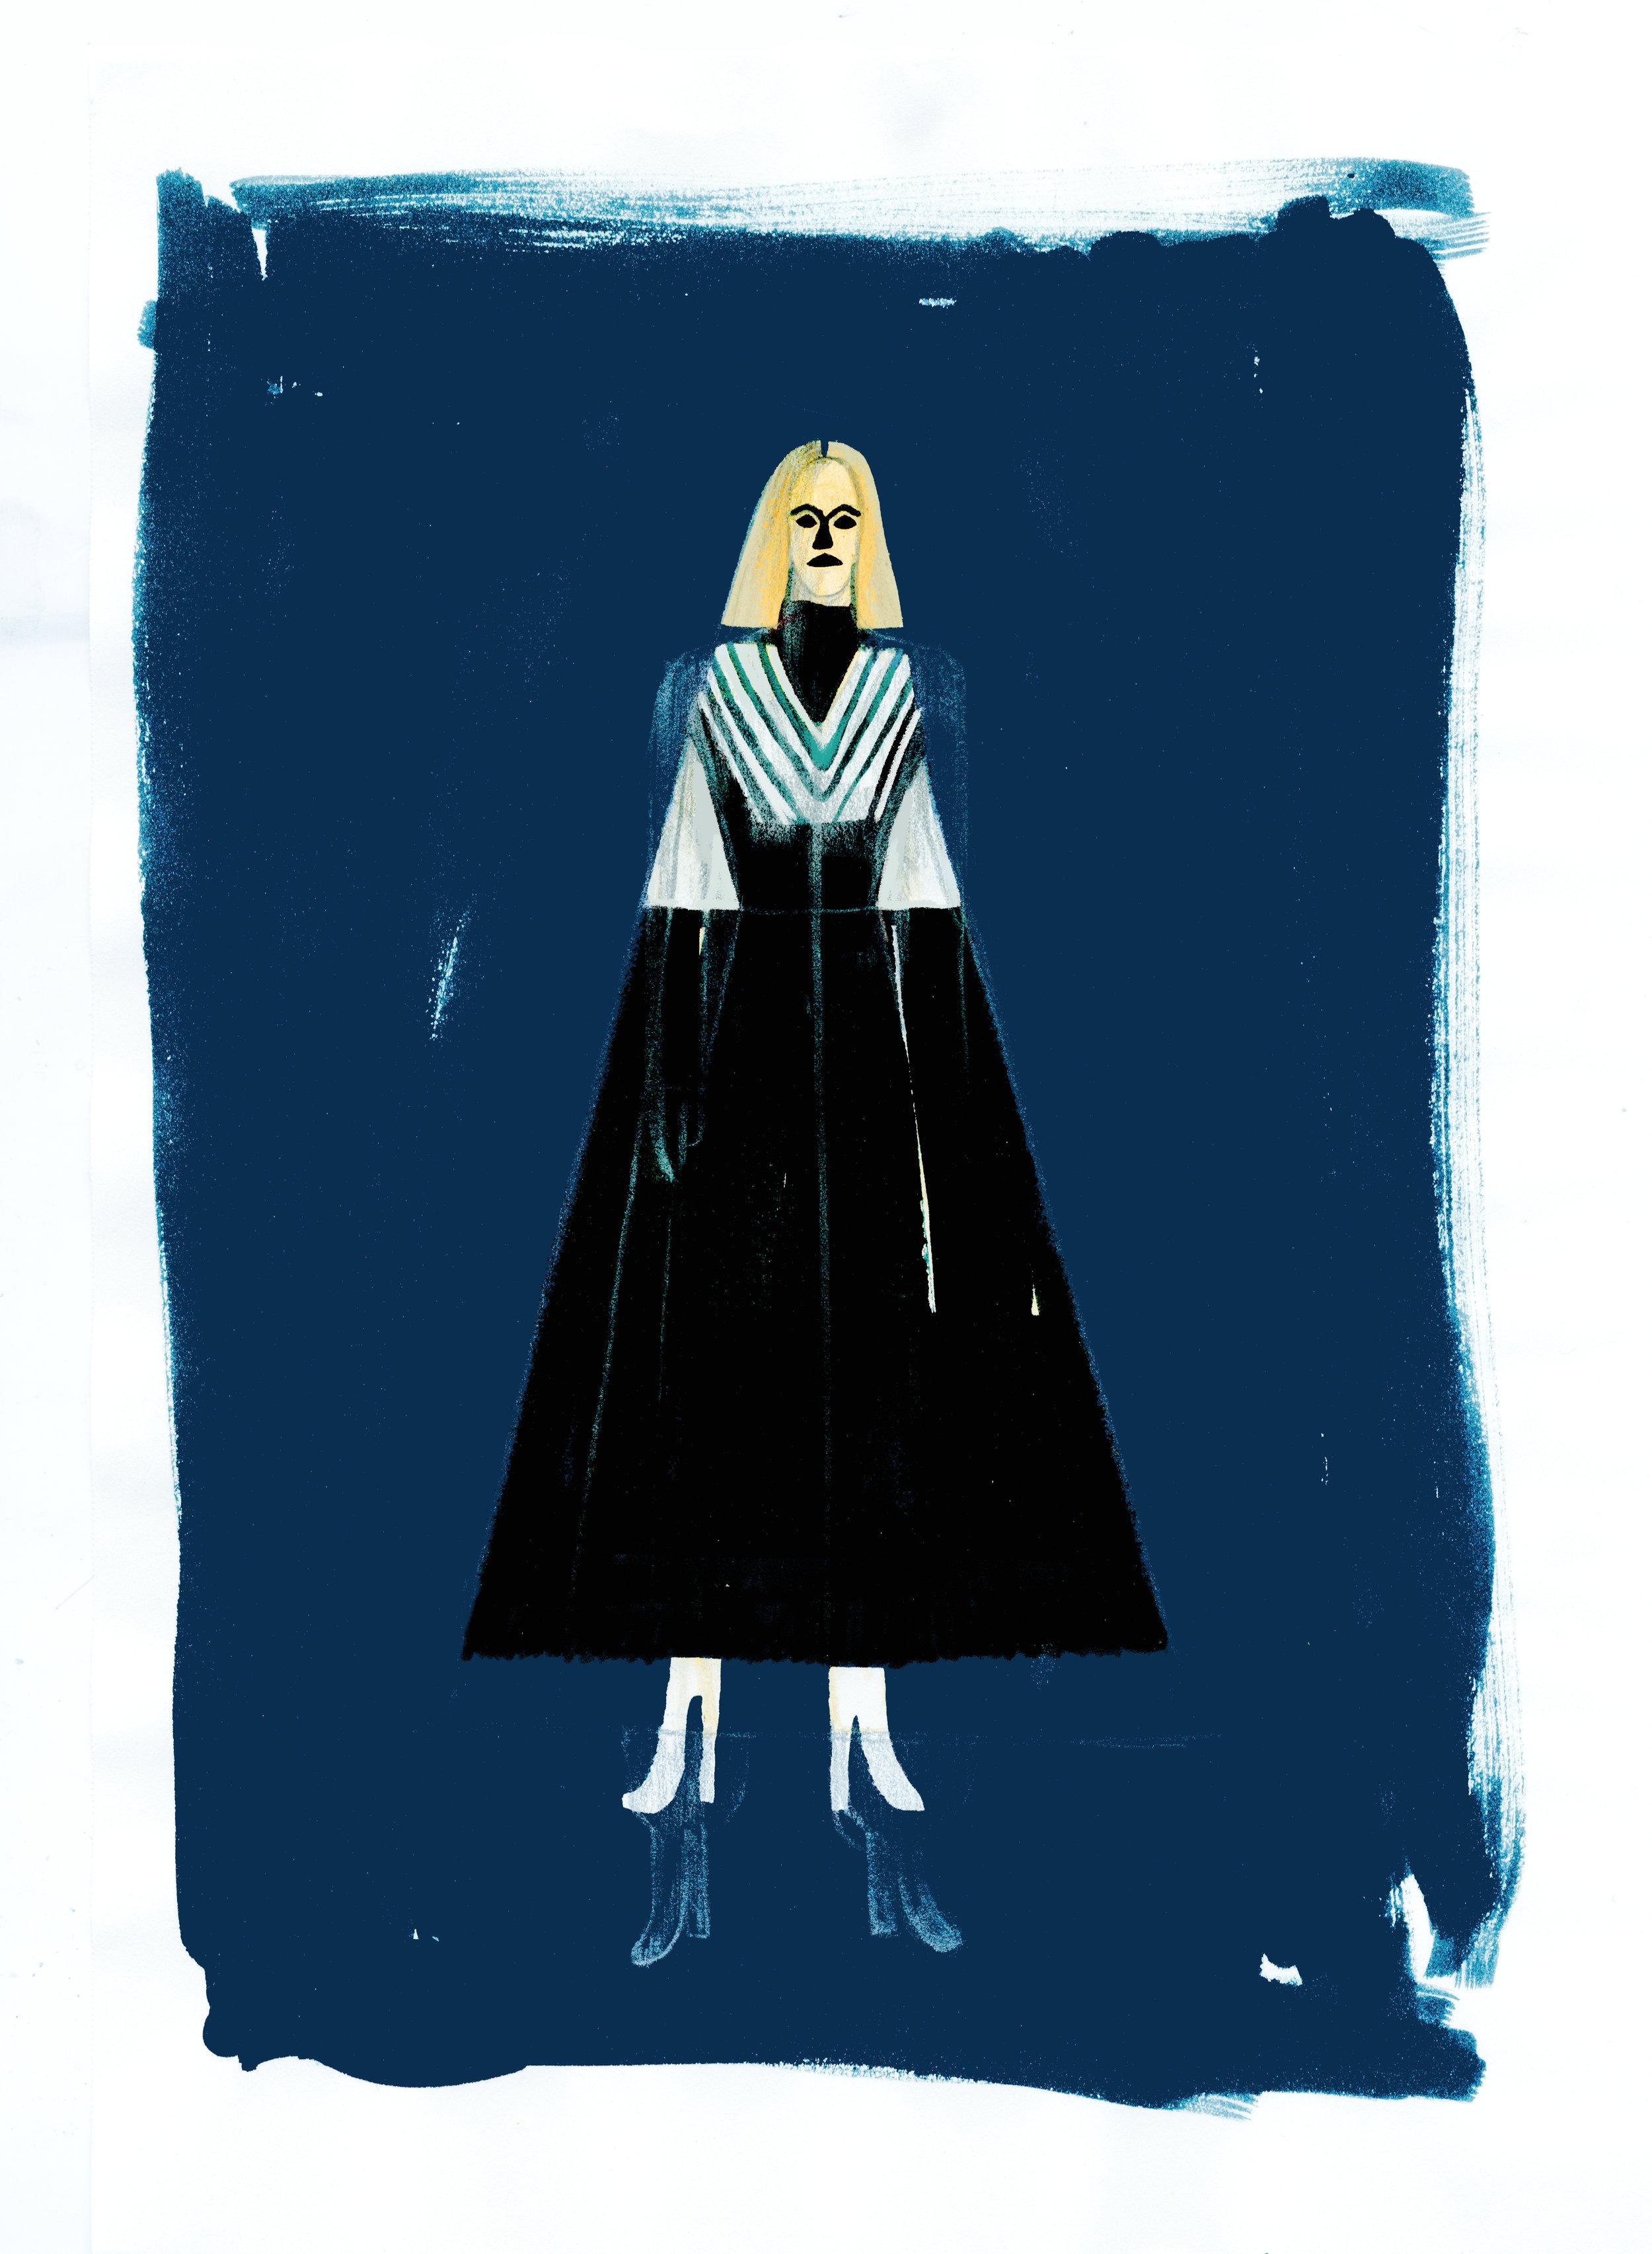 Spacegirl_illustration.jpg